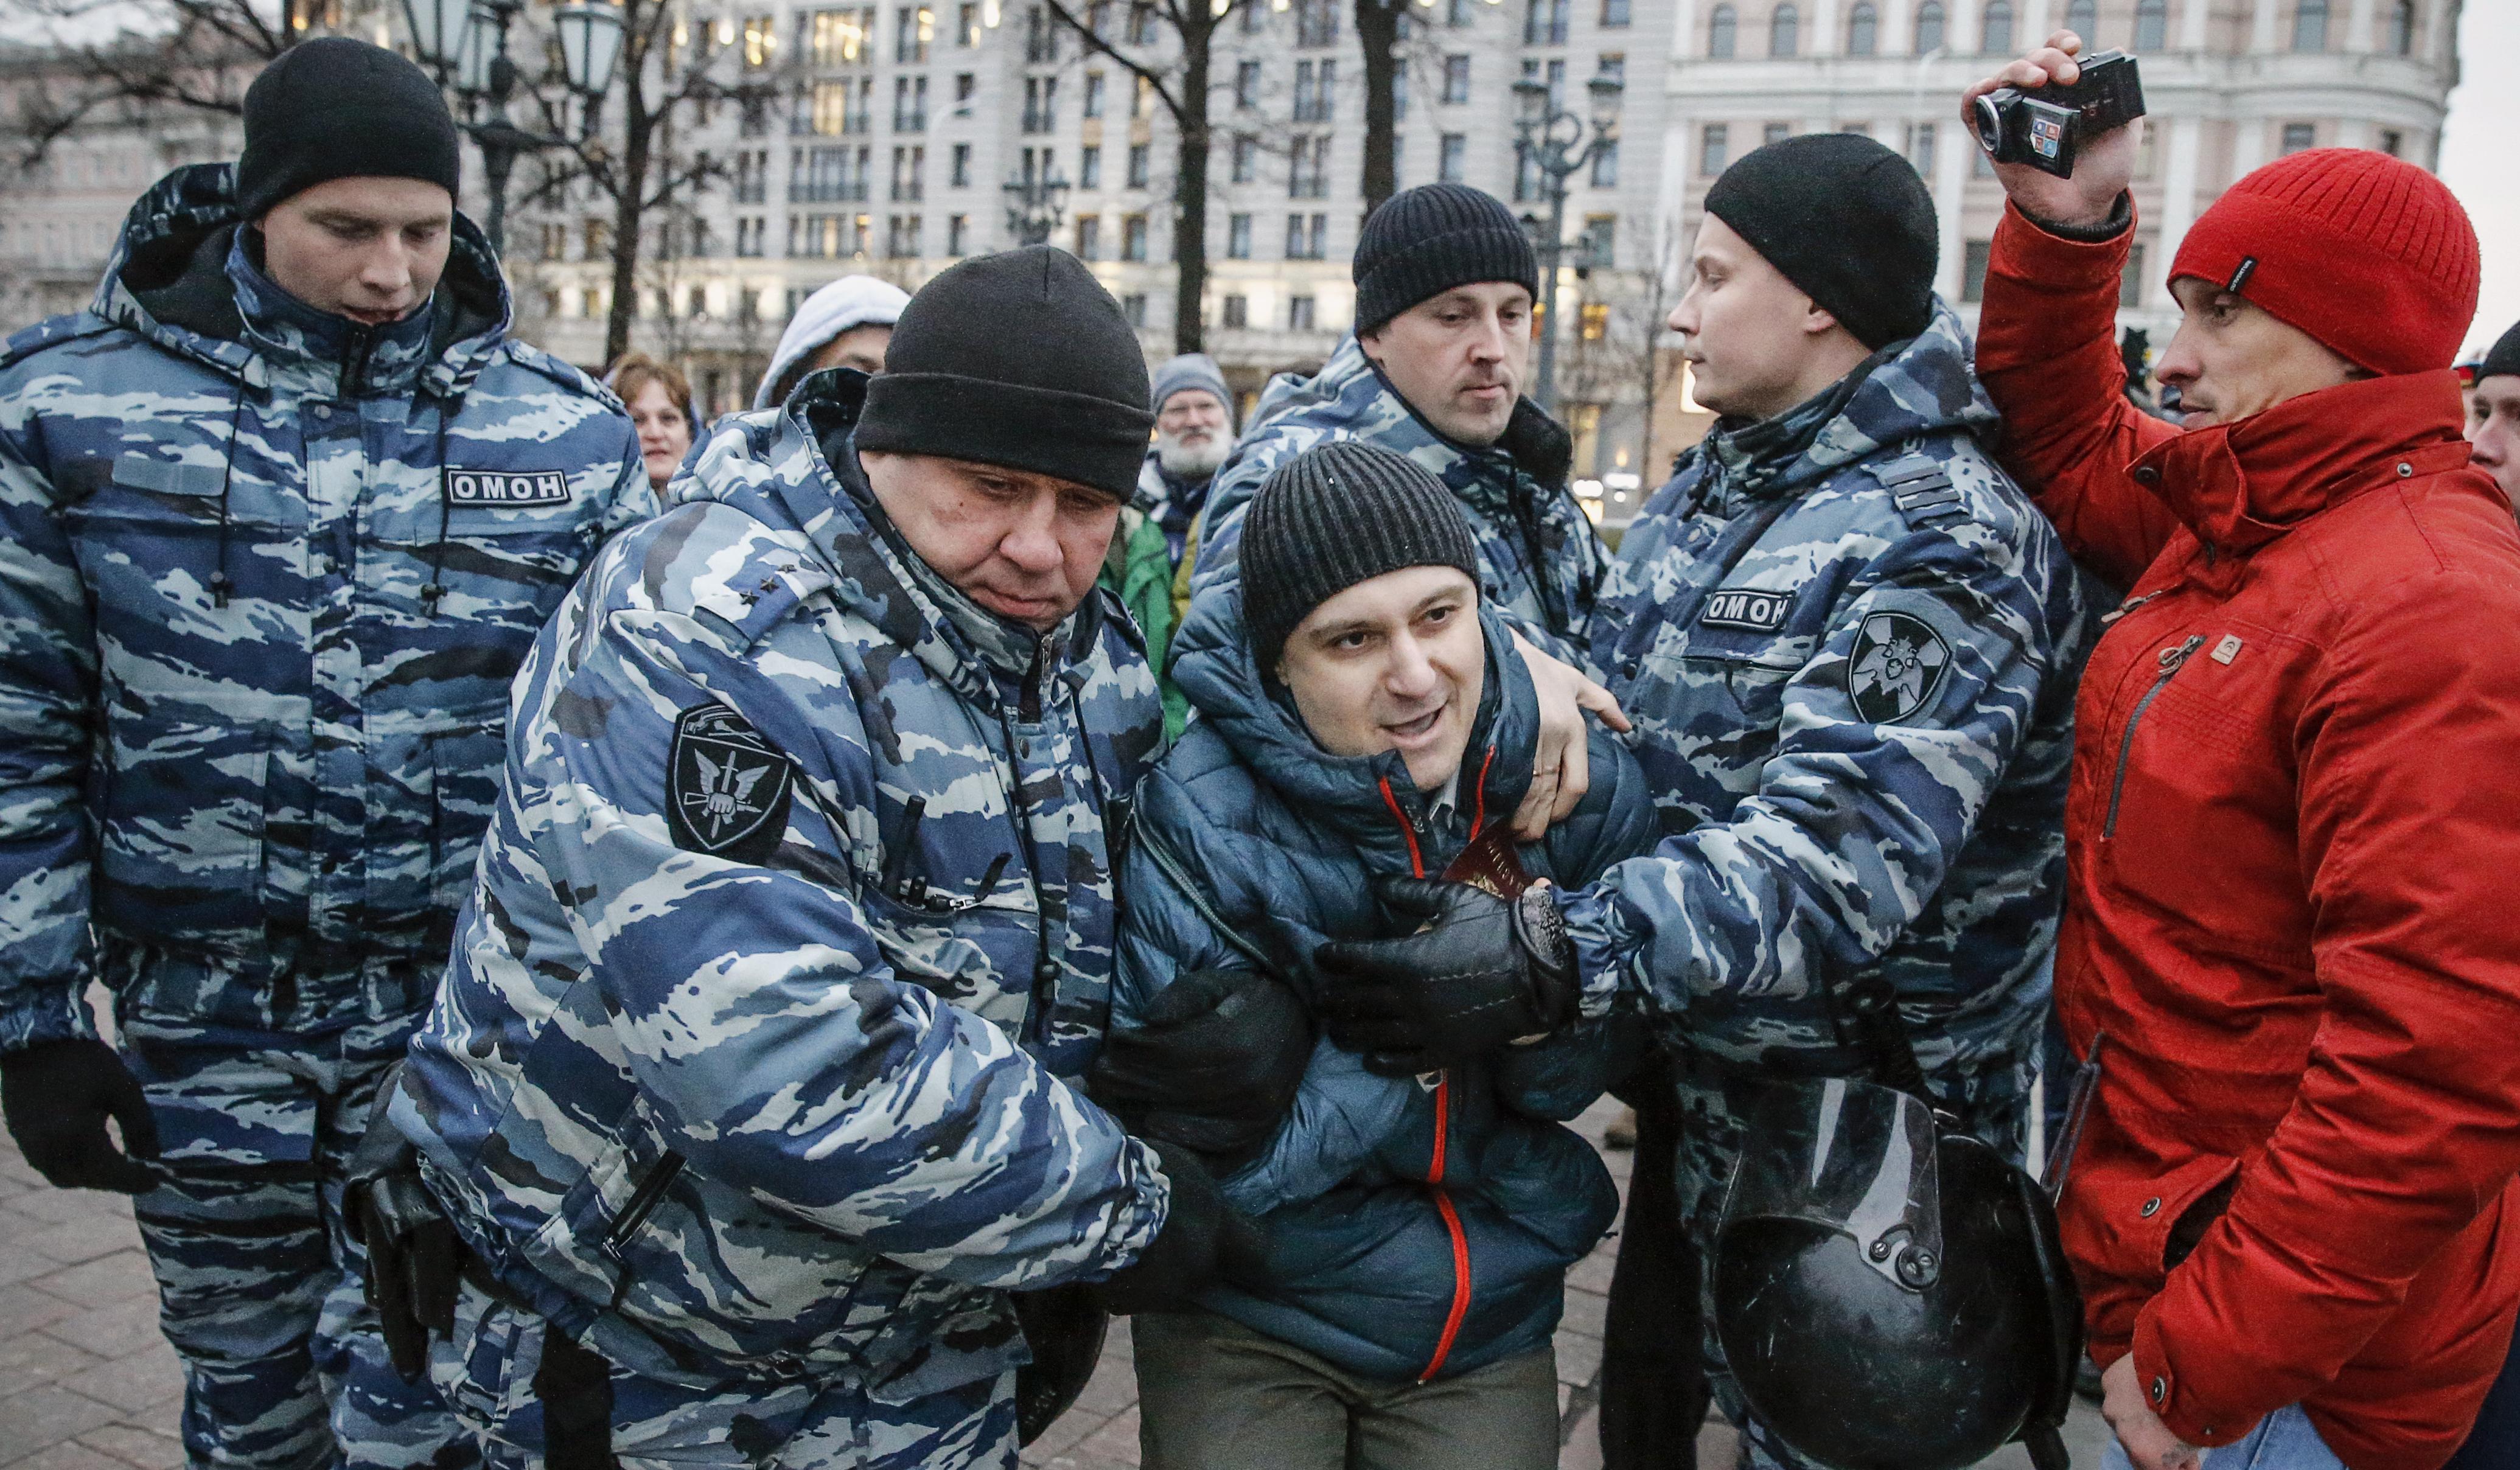 263 nacionalistát vettek őrizetbe Oroszországban